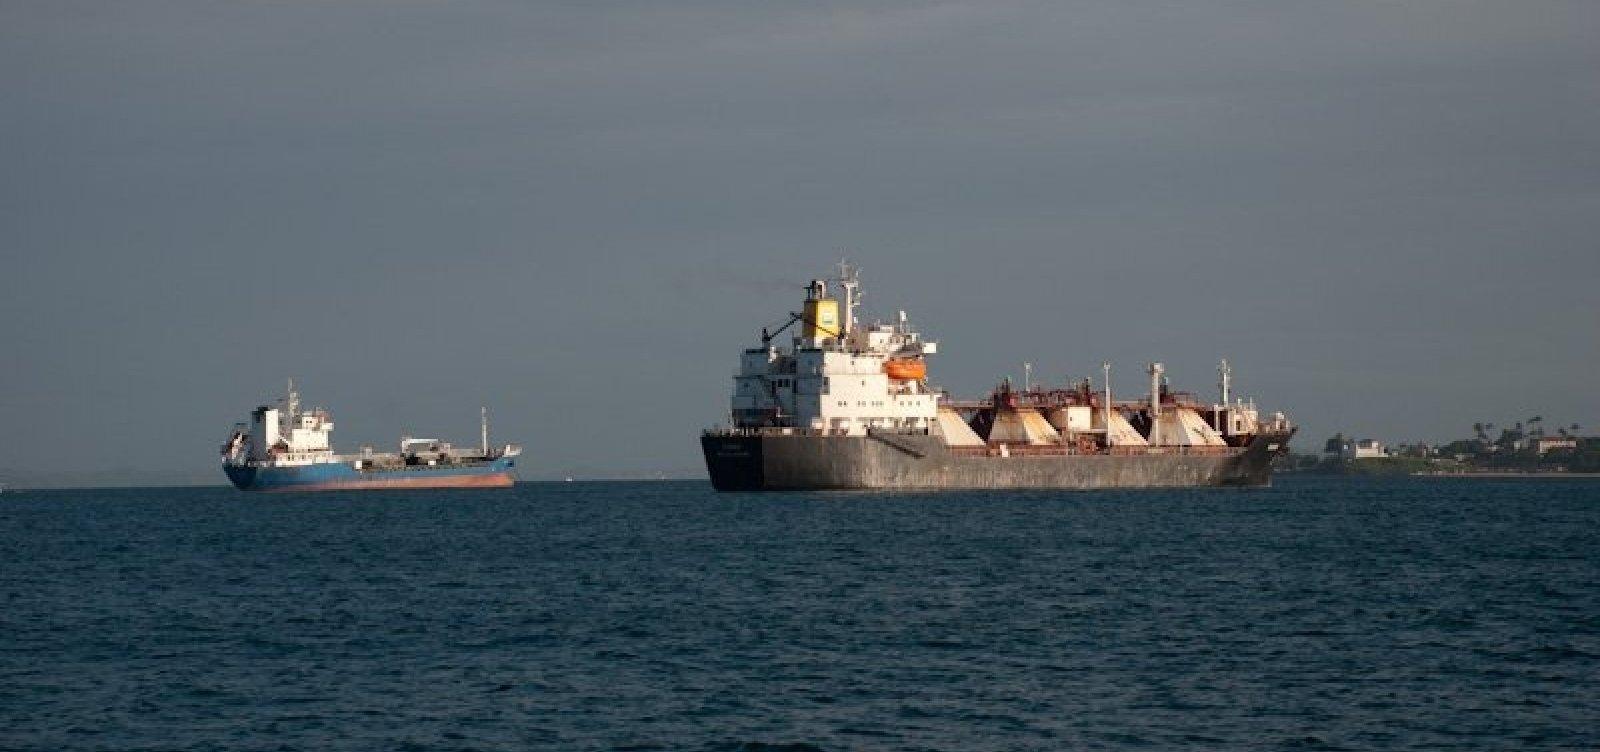 Travessia Salvador-Mar Grande segue suspensa pelo terceiro dia